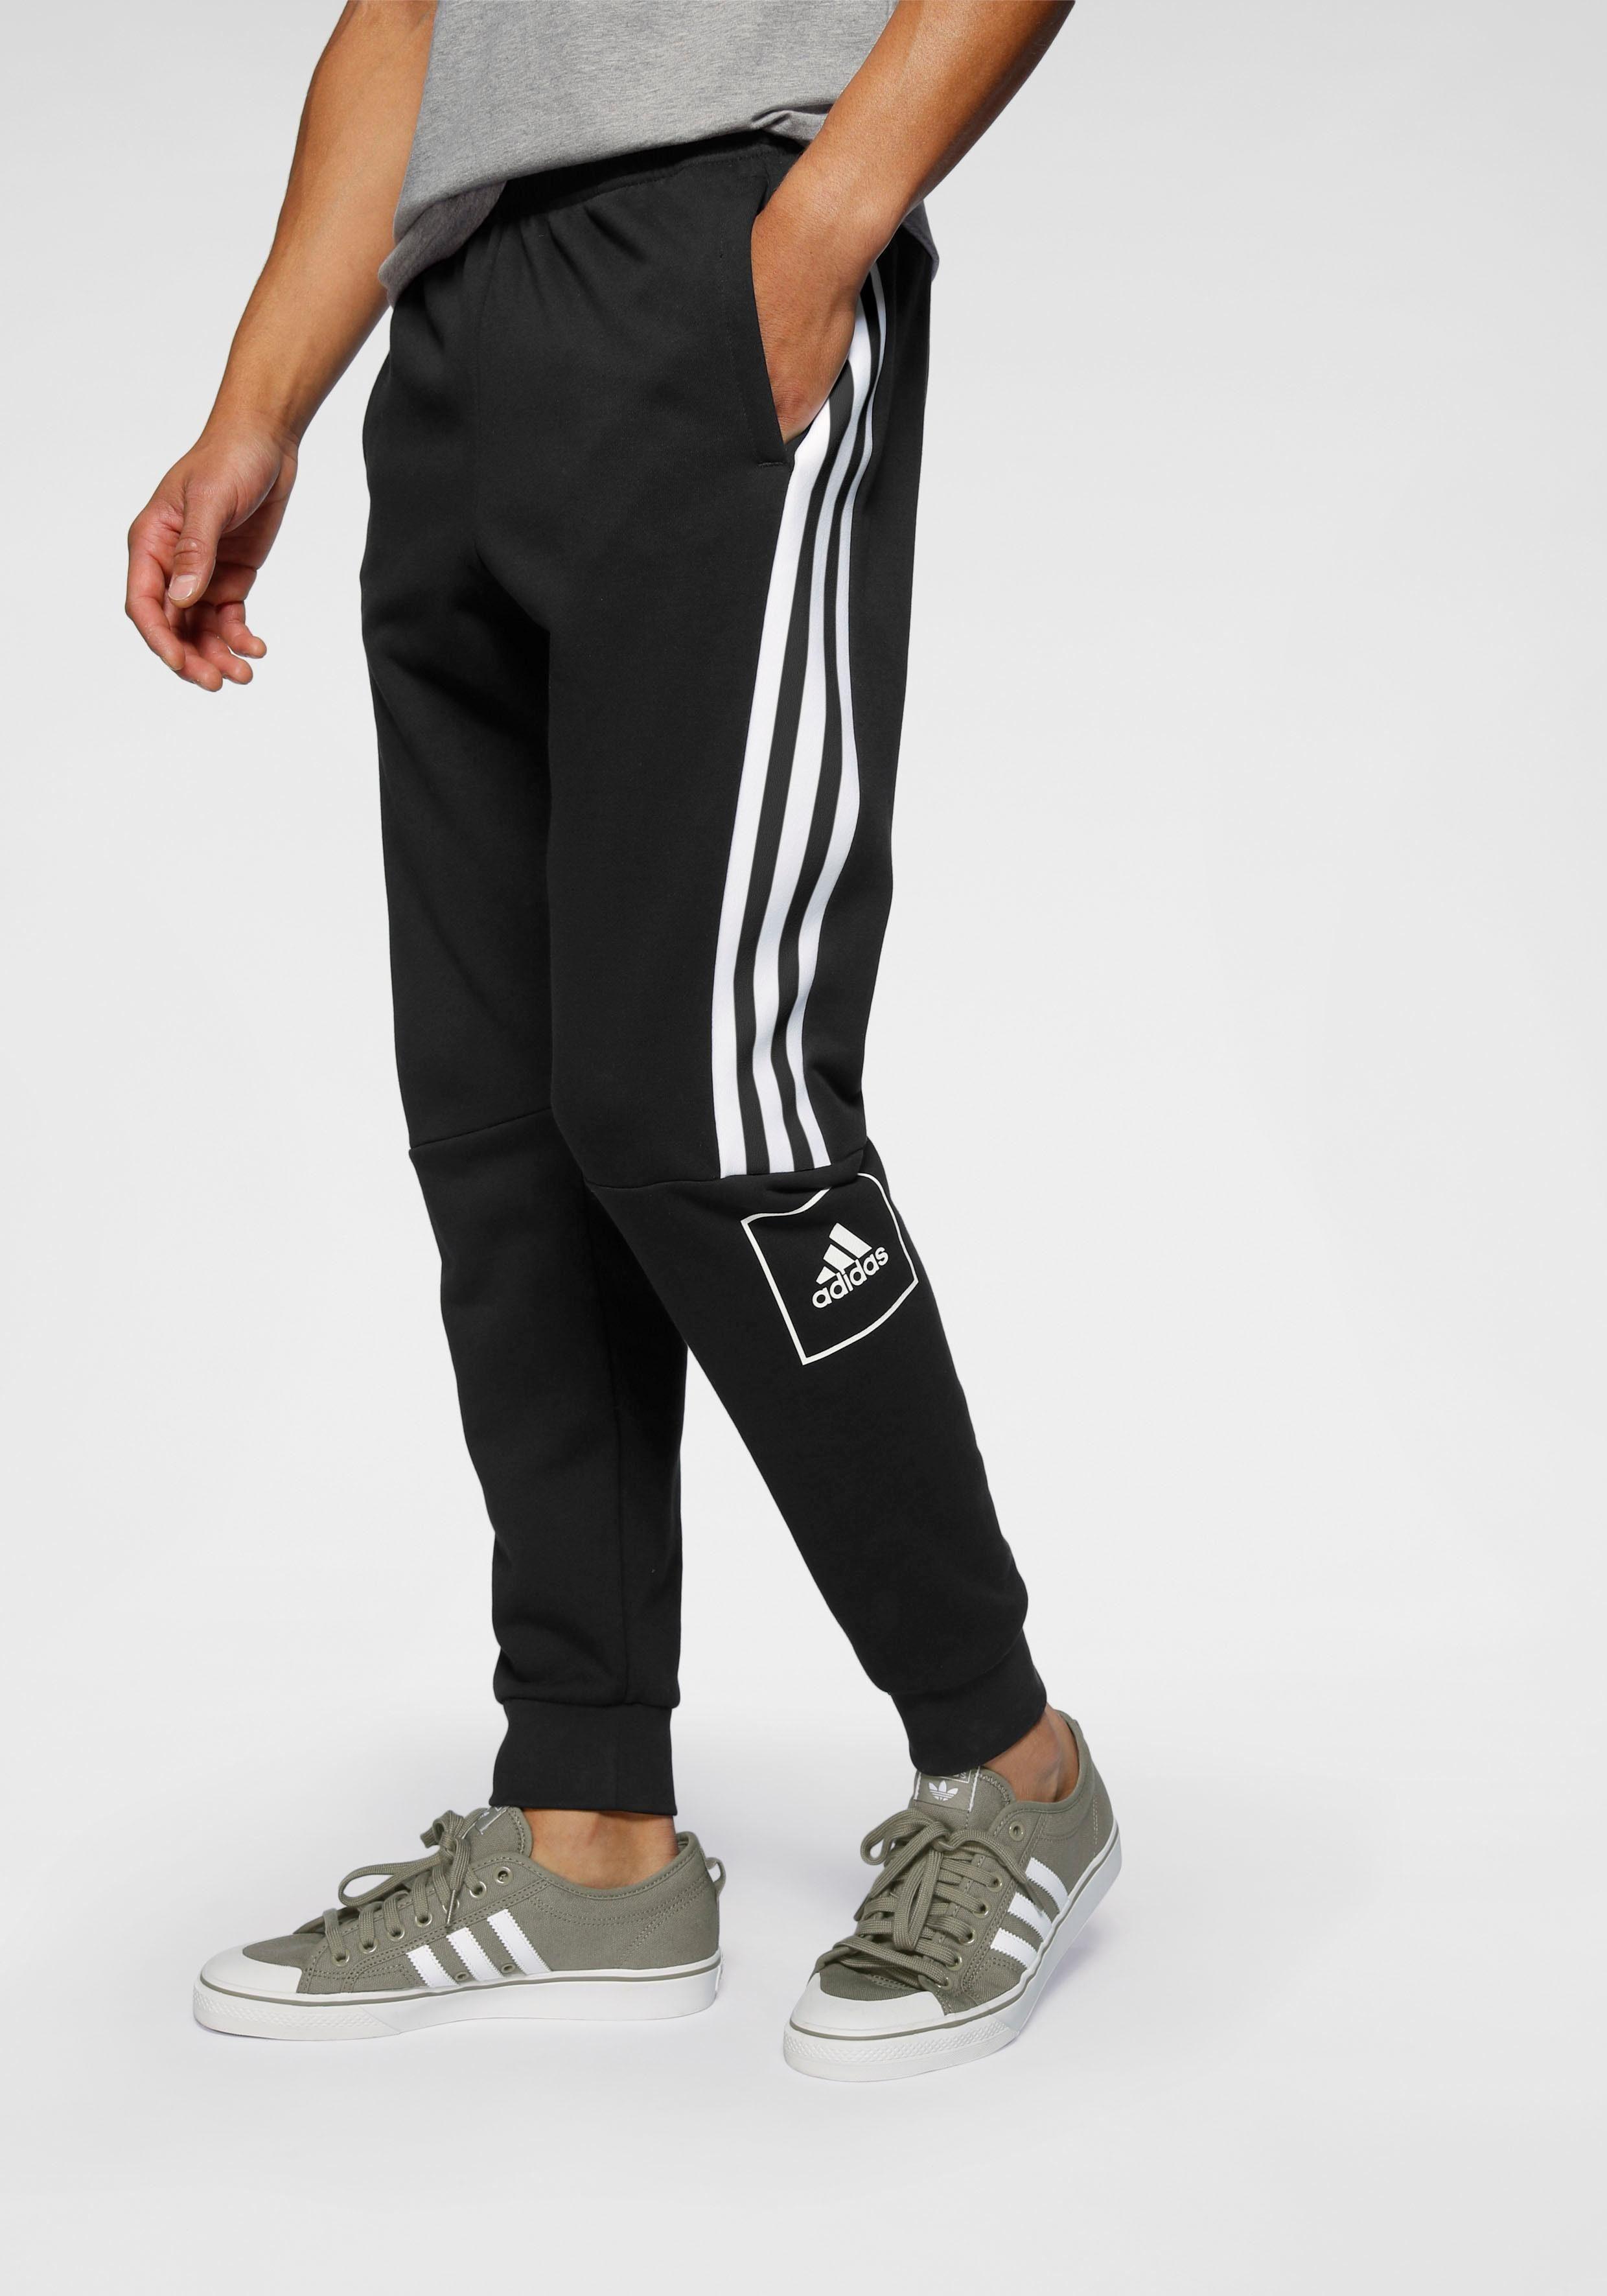 adidas Performance Jogginghose, Kontrastfarbener Streifen online kaufen | OTTO